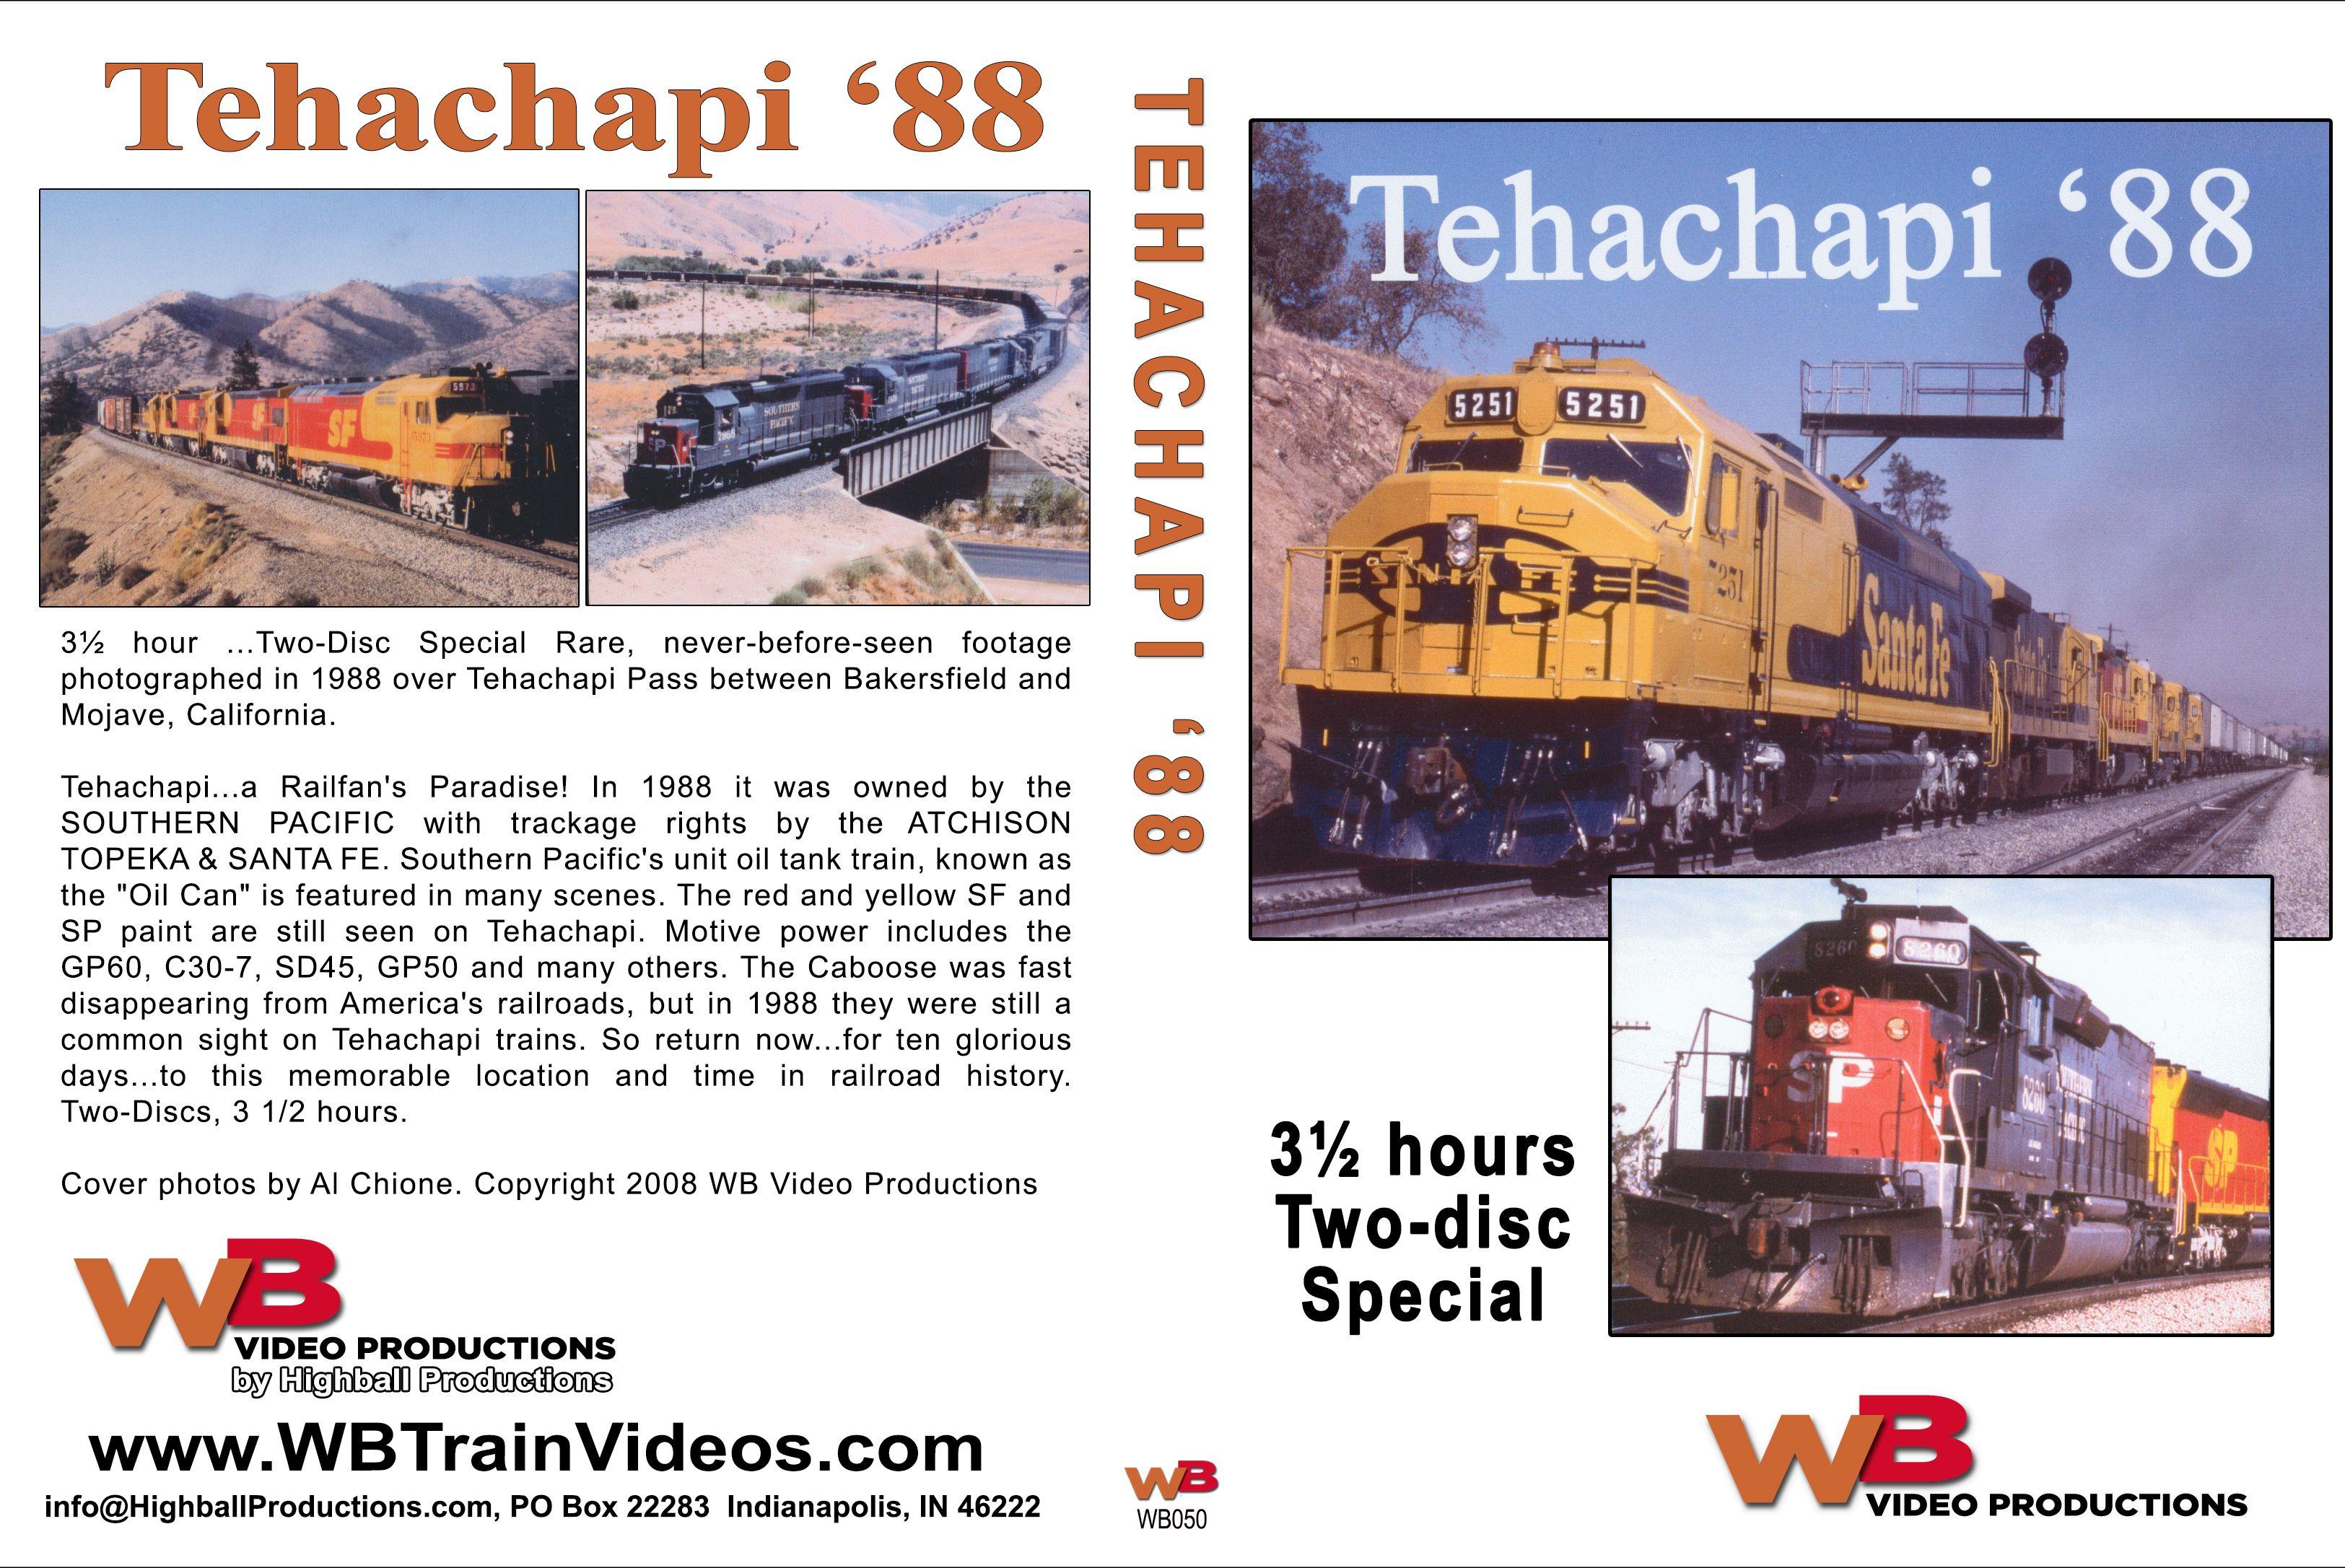 Tehachapi 88 WB Video Productions WB050